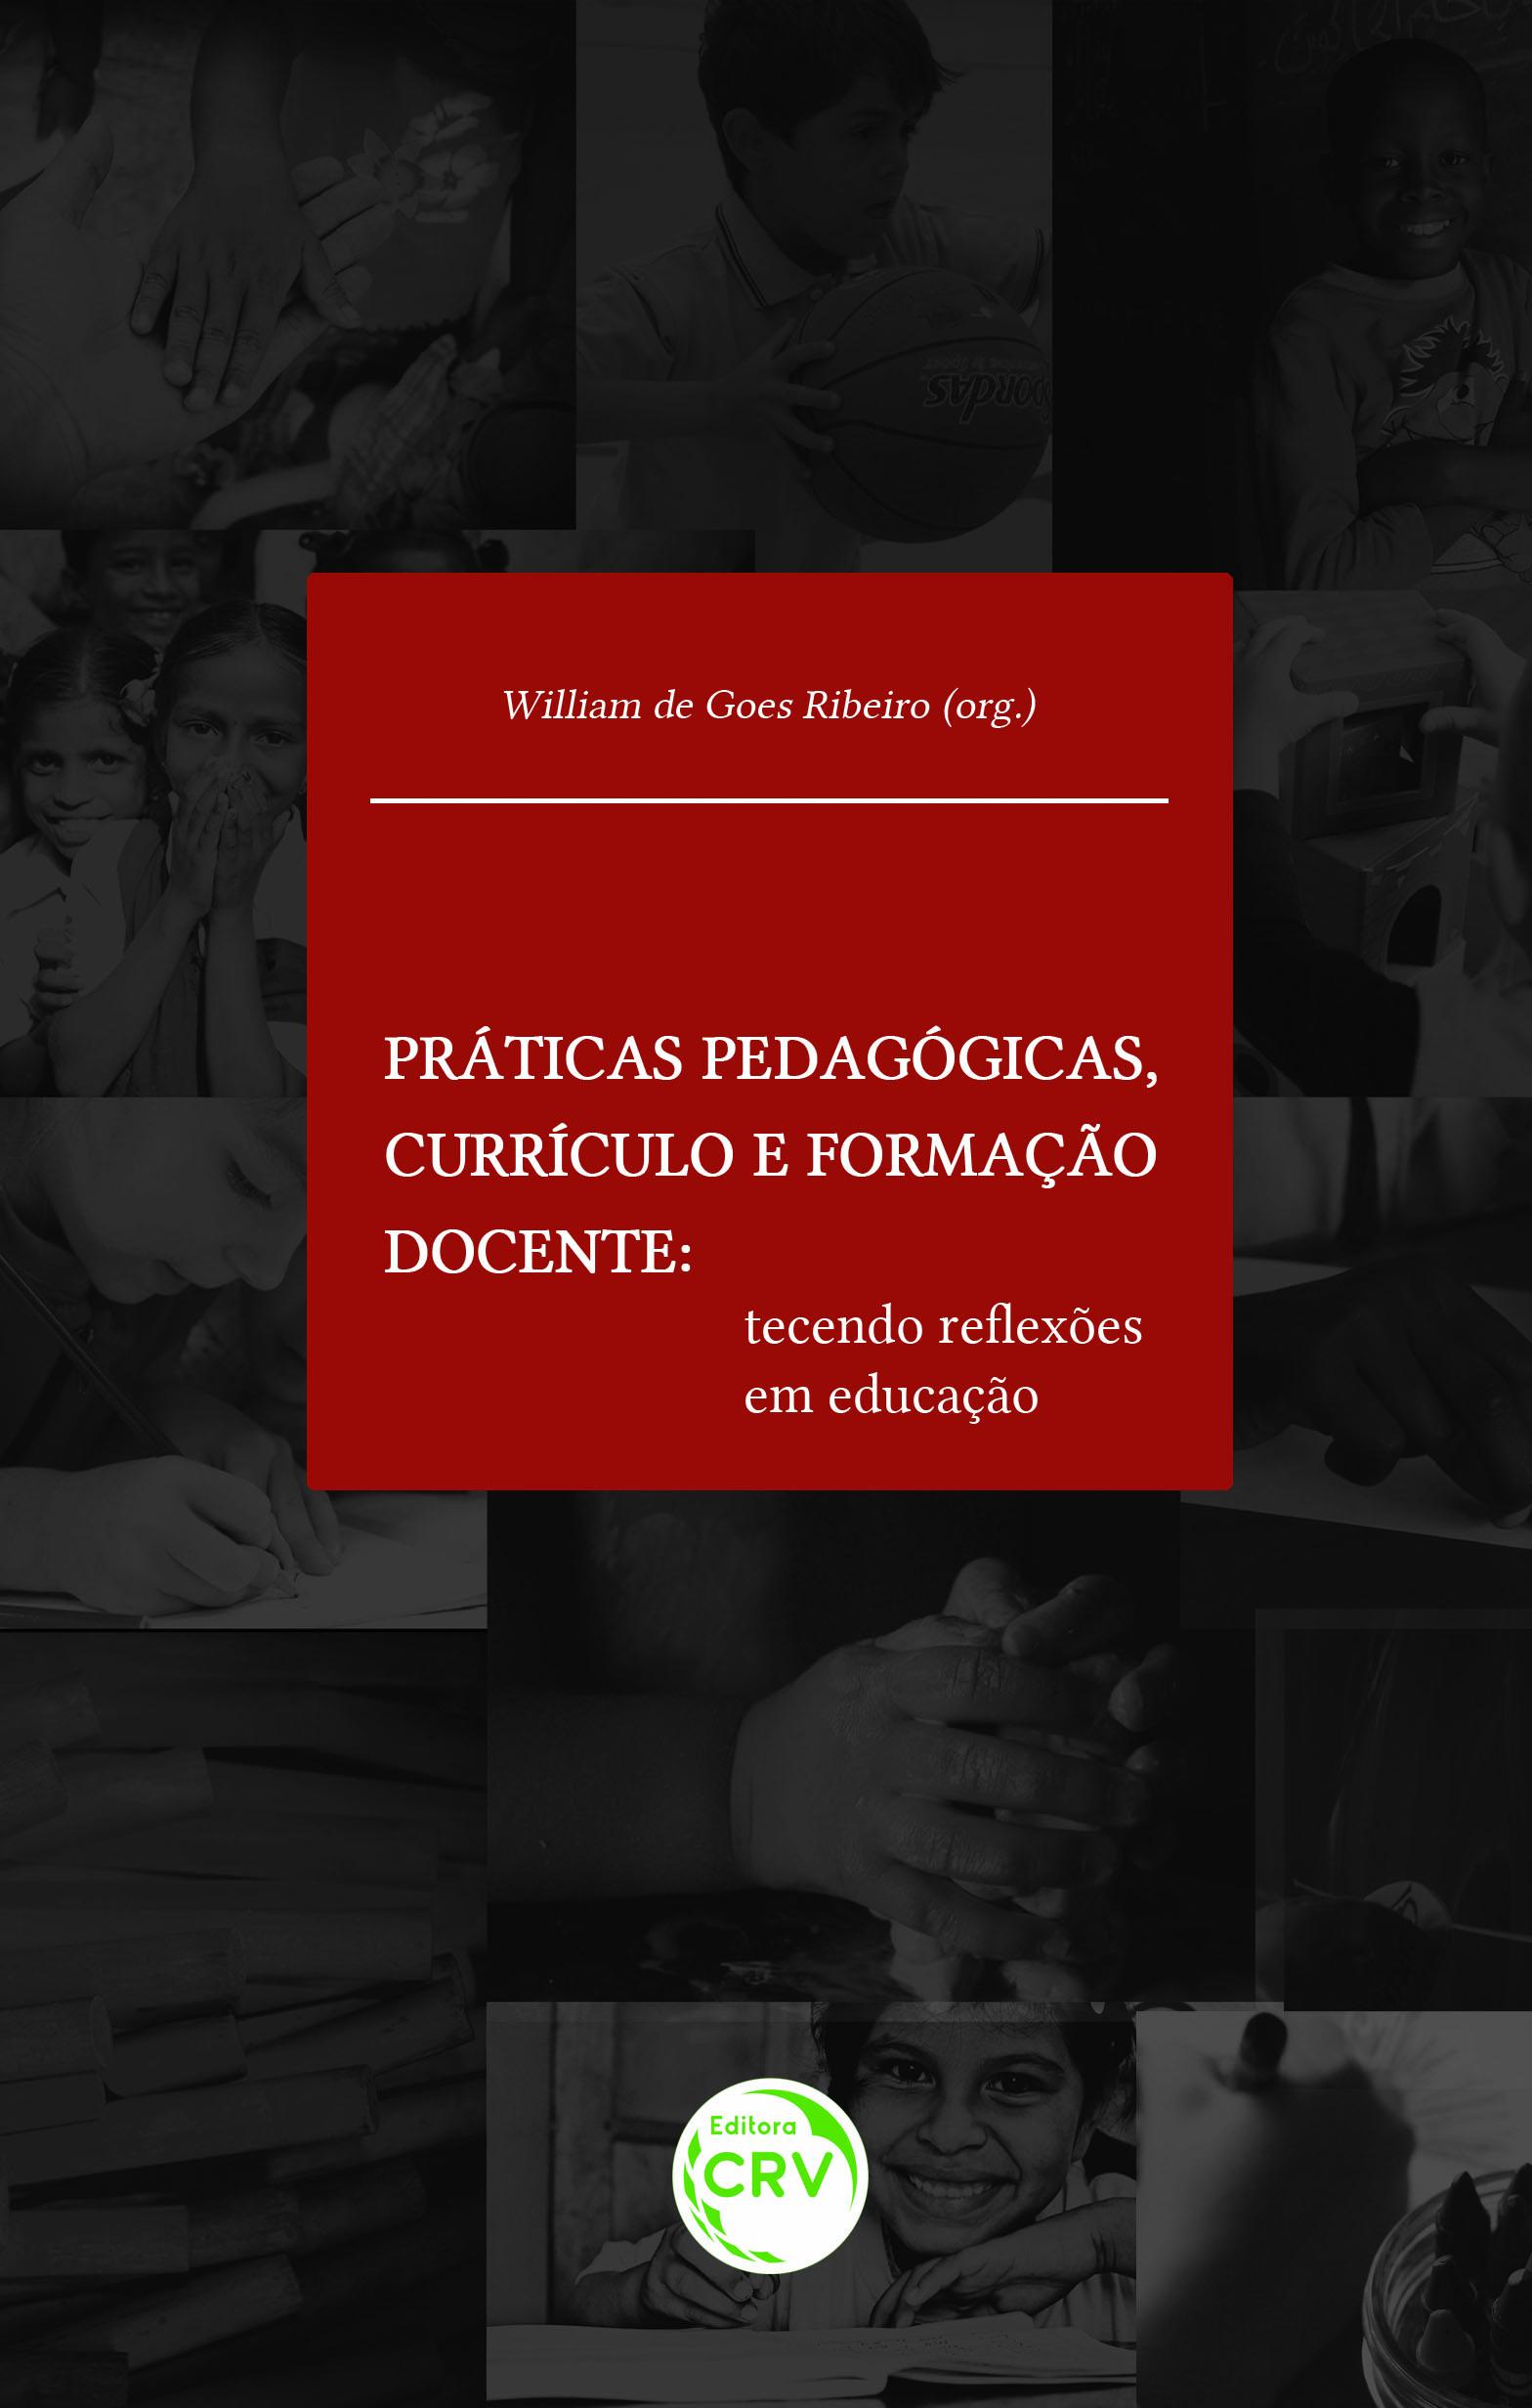 Capa do livro: PRÁTICAS PEDAGÓGICAS, CURRÍCULO E FORMAÇÃO DOCENTE:<br> tecendo reflexões em educação